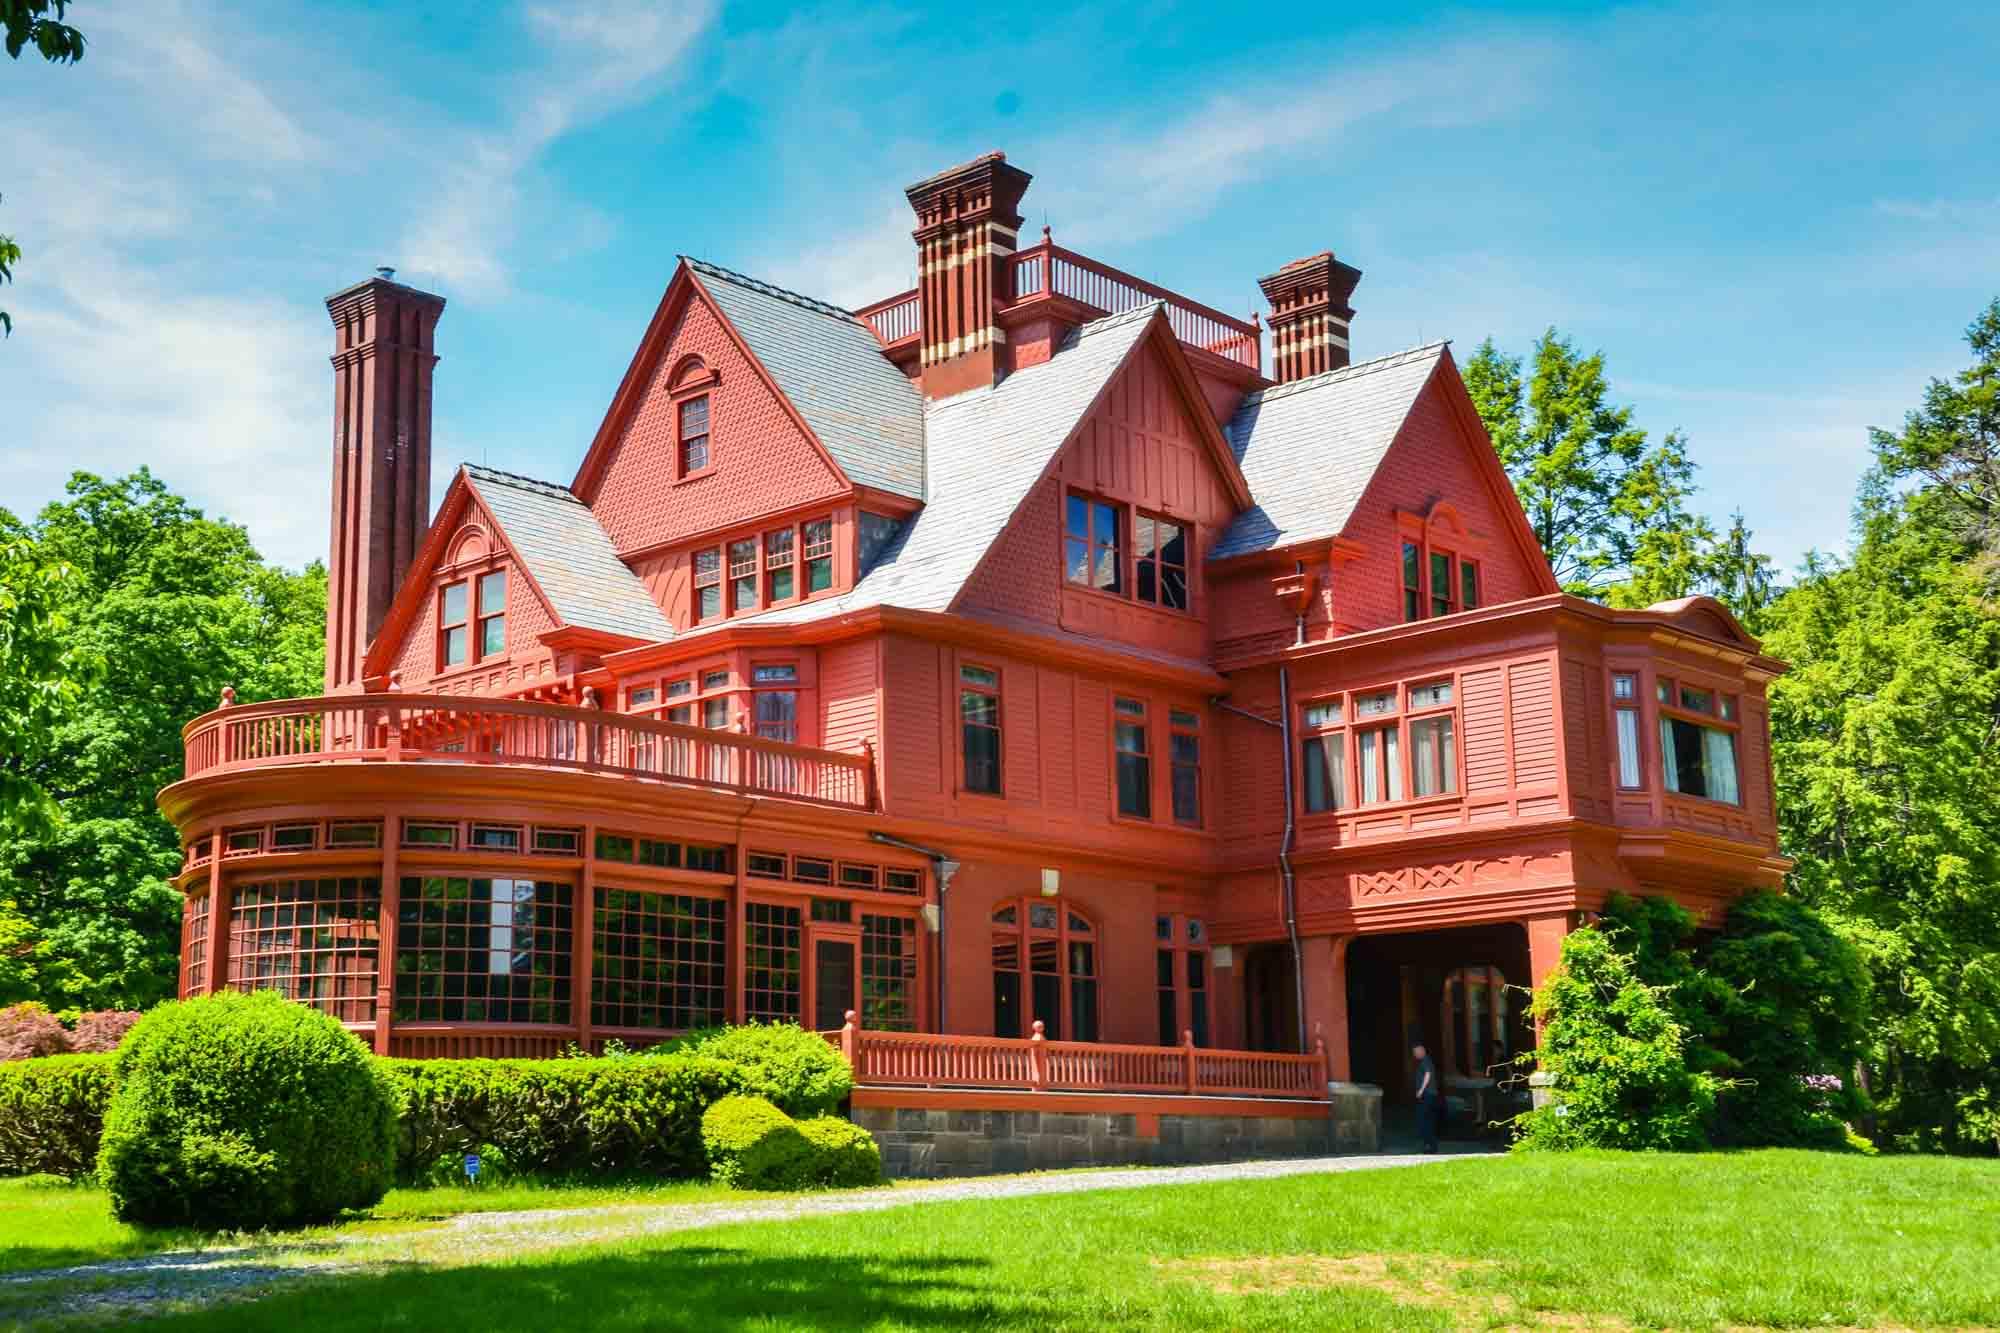 Thomas Edison's house